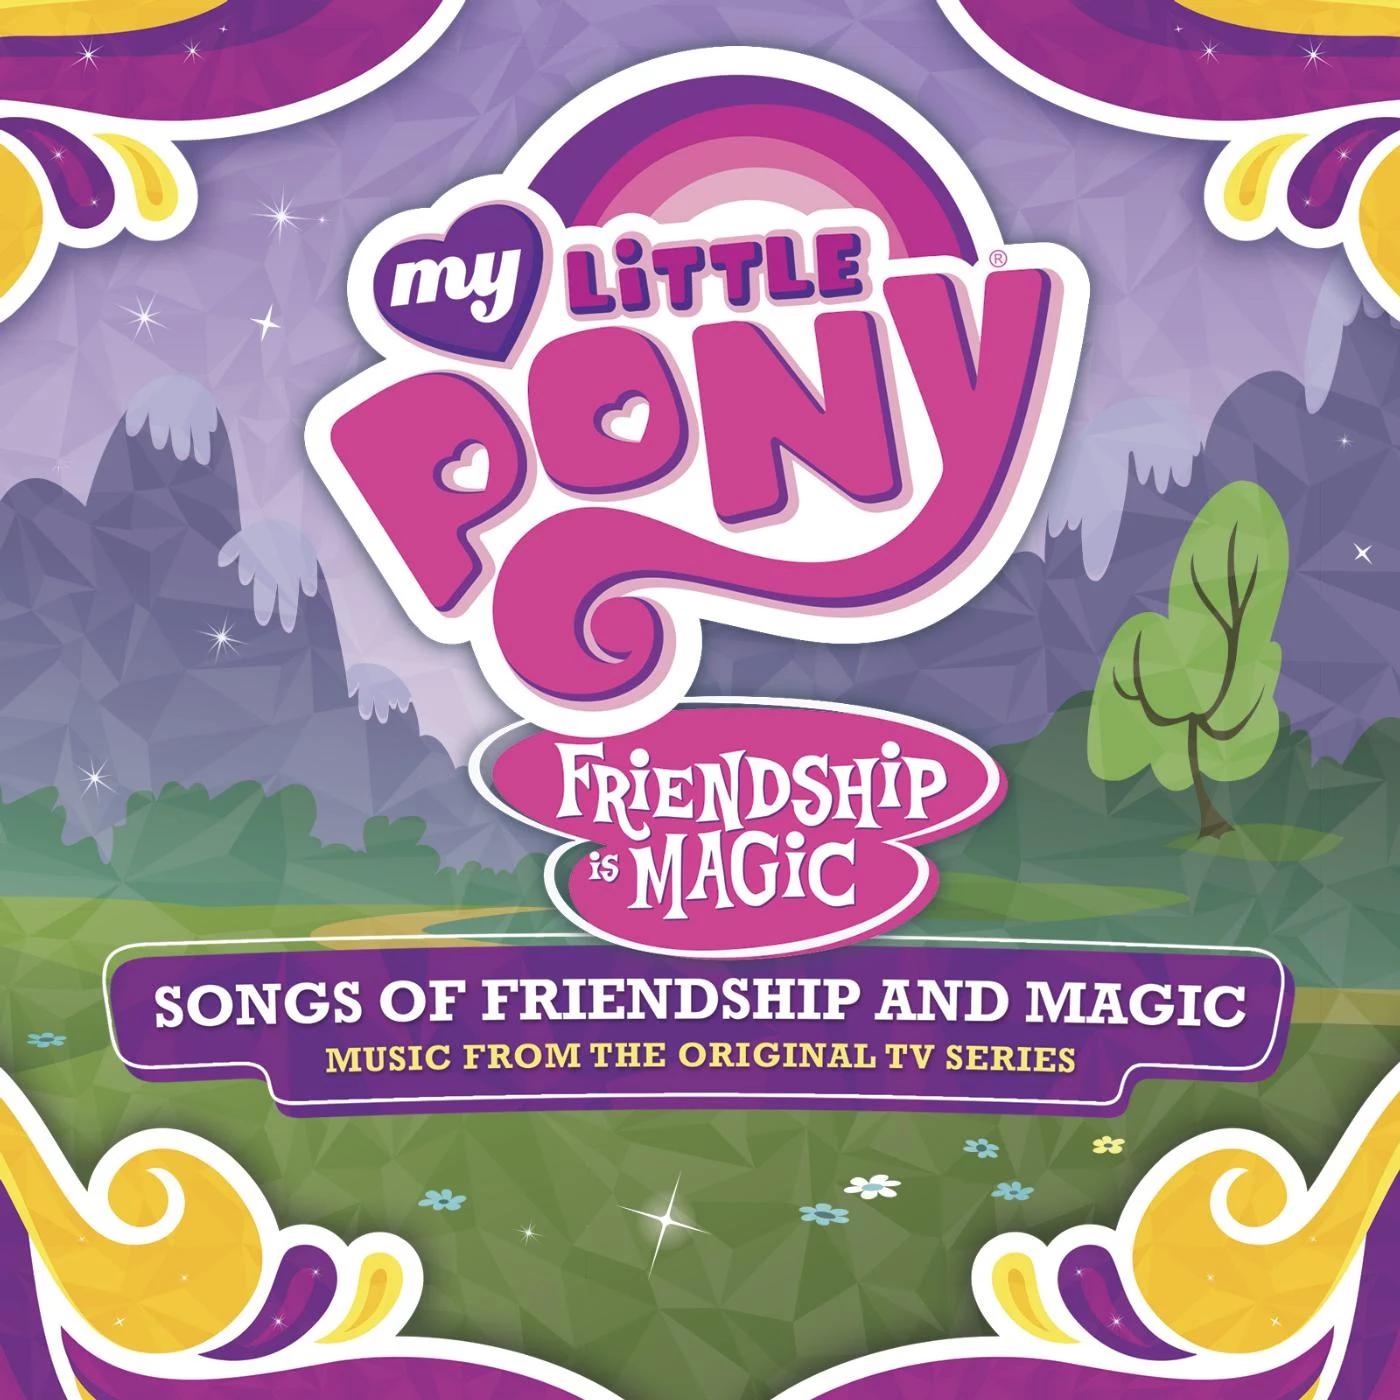 My little pony freundschaft ist magie bilder twilight sparkle hd.